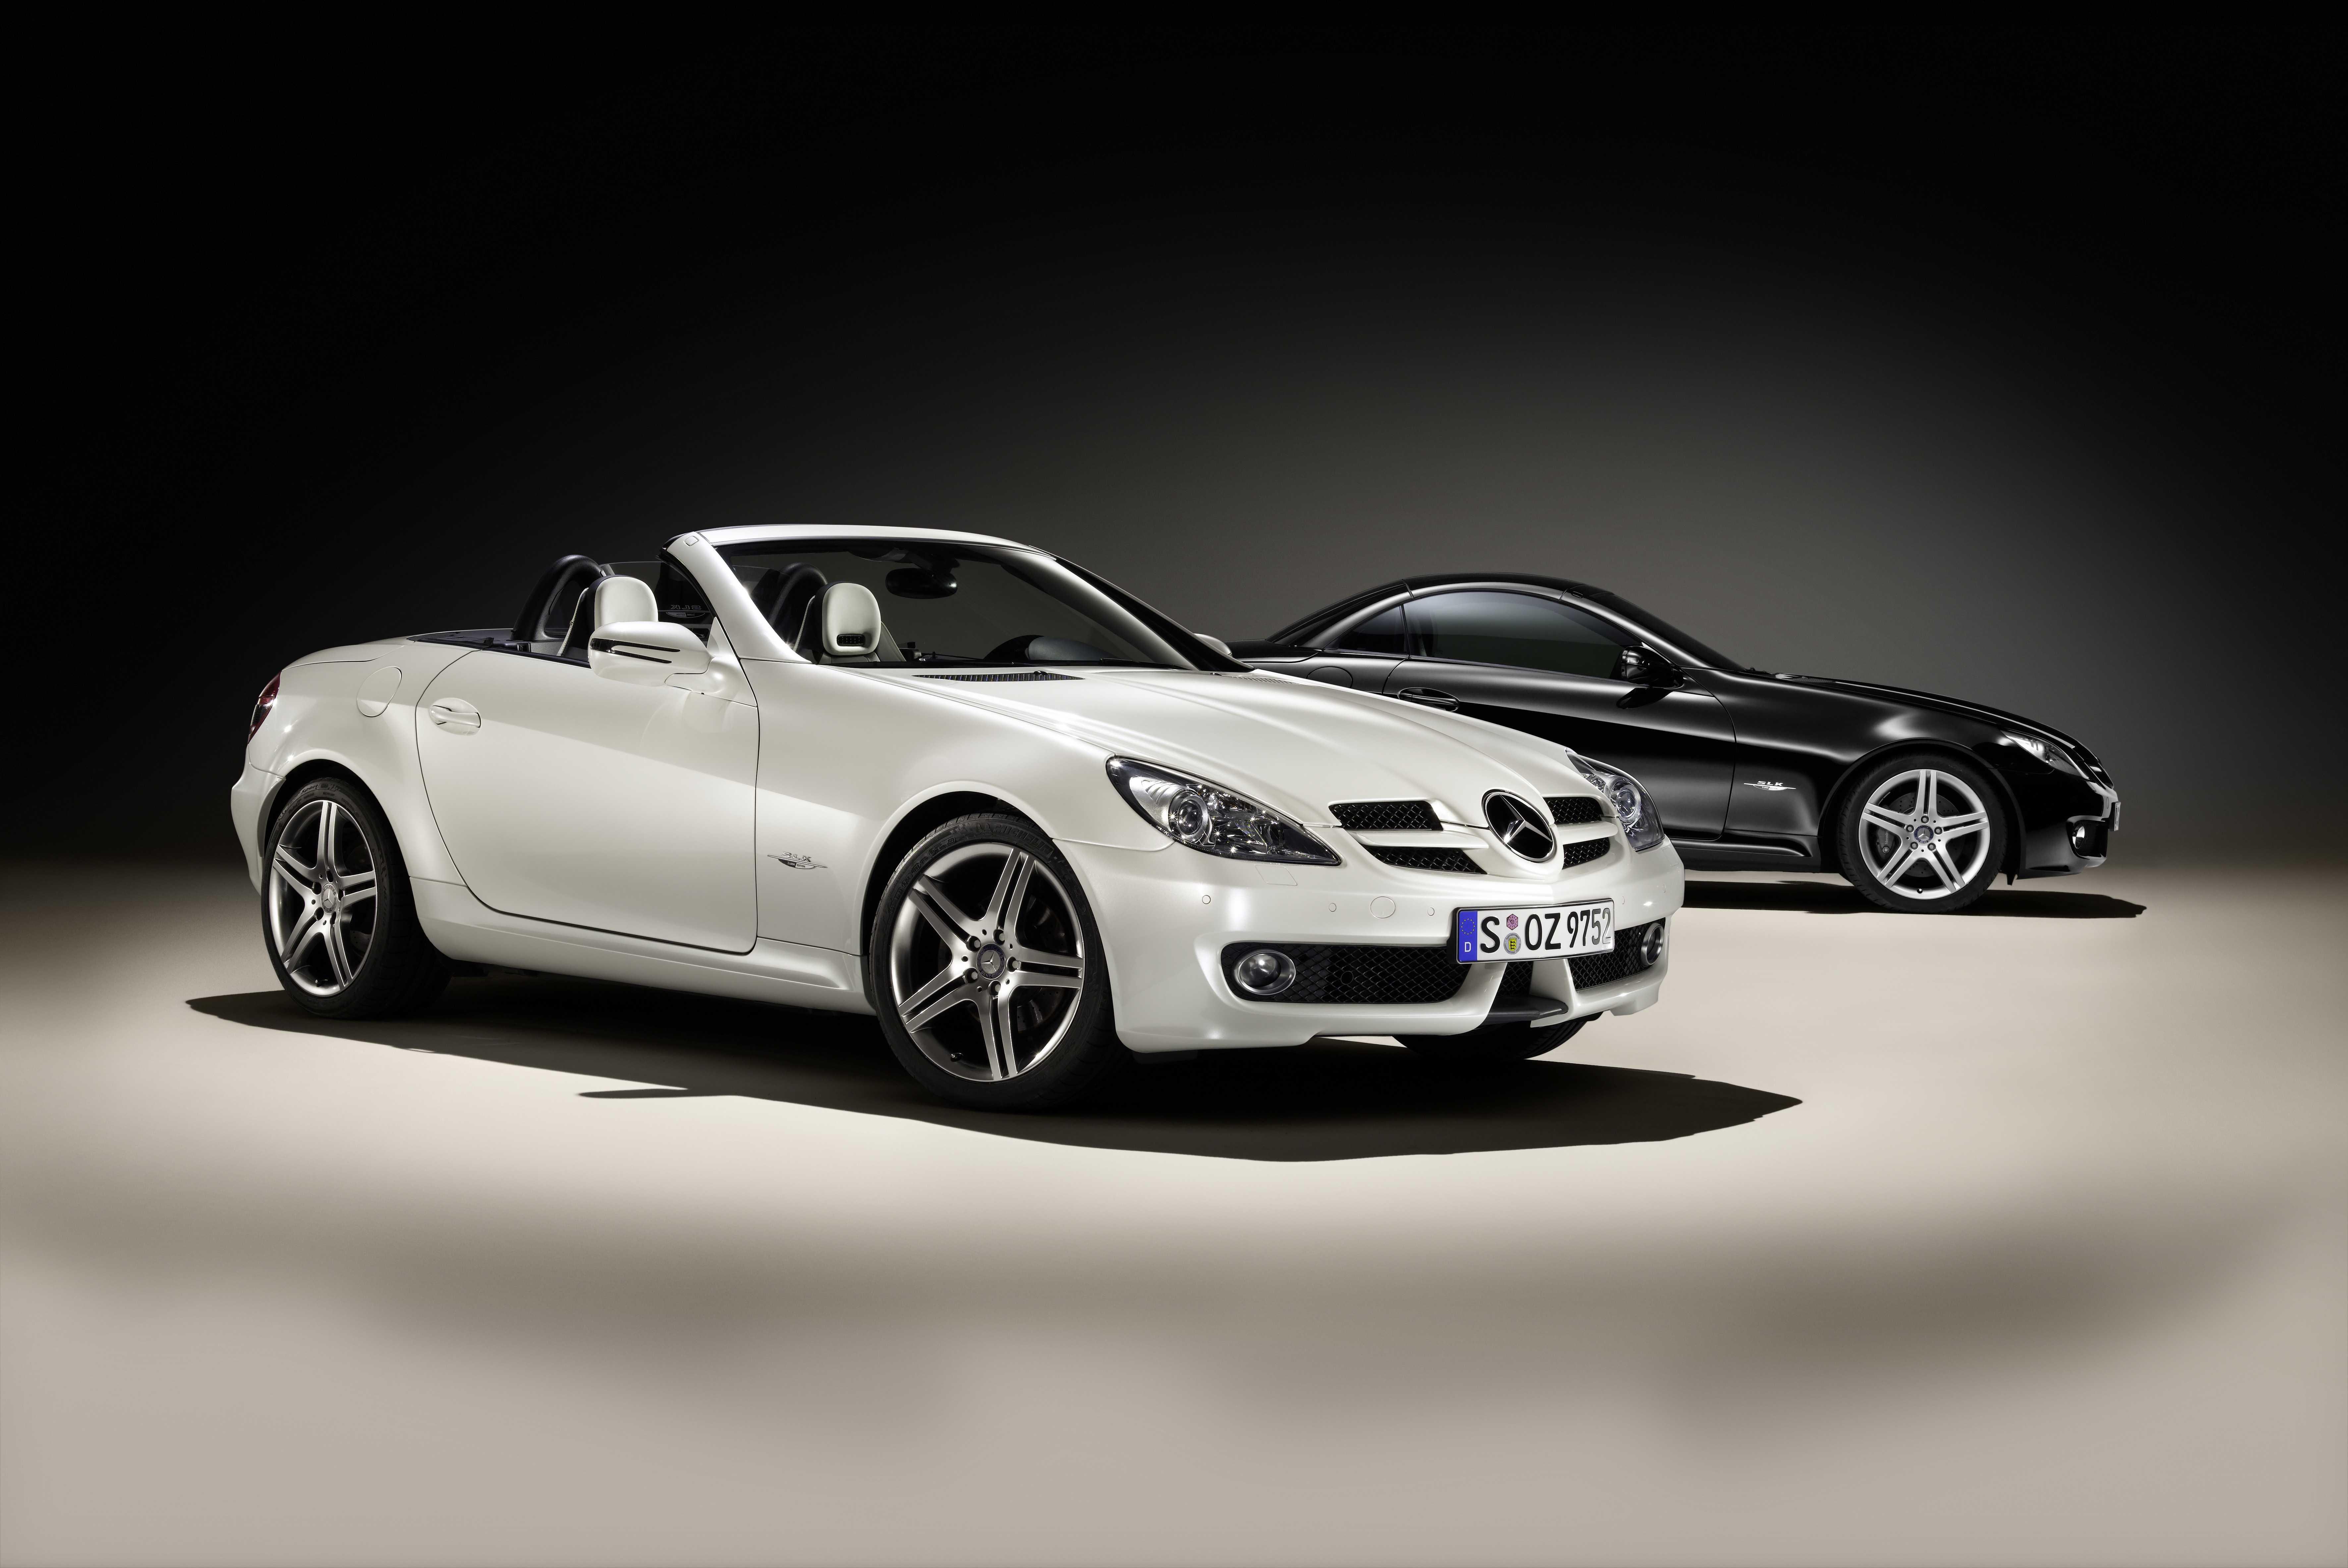 slk mercedes i diecast sl htm sale pm model car collection welly benz end